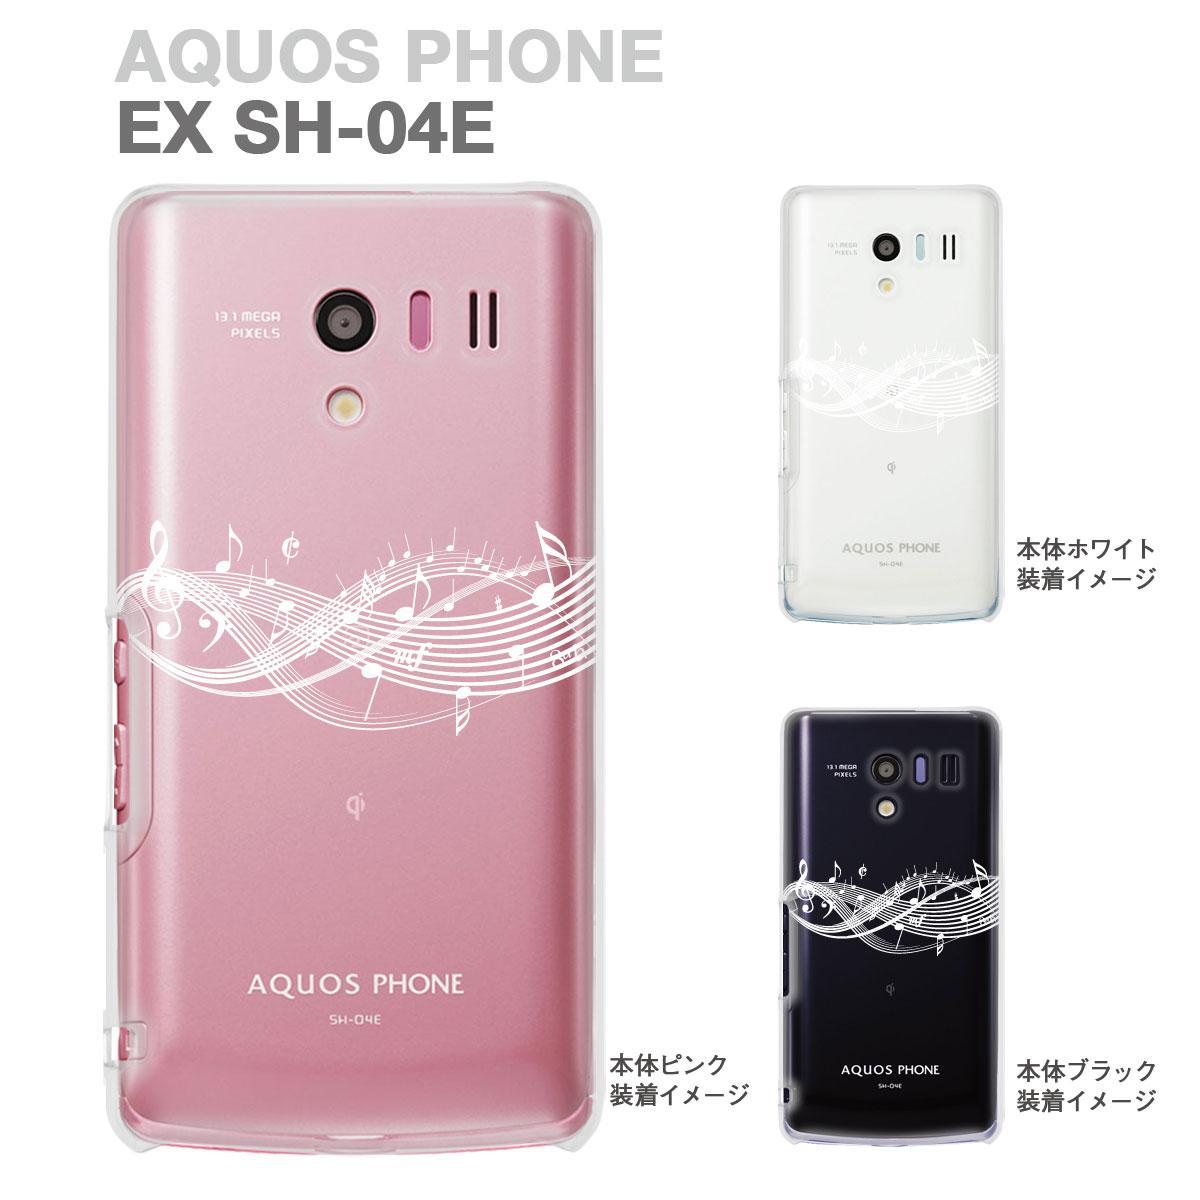 スマートフォン・携帯電話アクセサリー, ケース・カバー AQUOS PHONE EX SH-04EIGZO 09-sh04e-mu0006